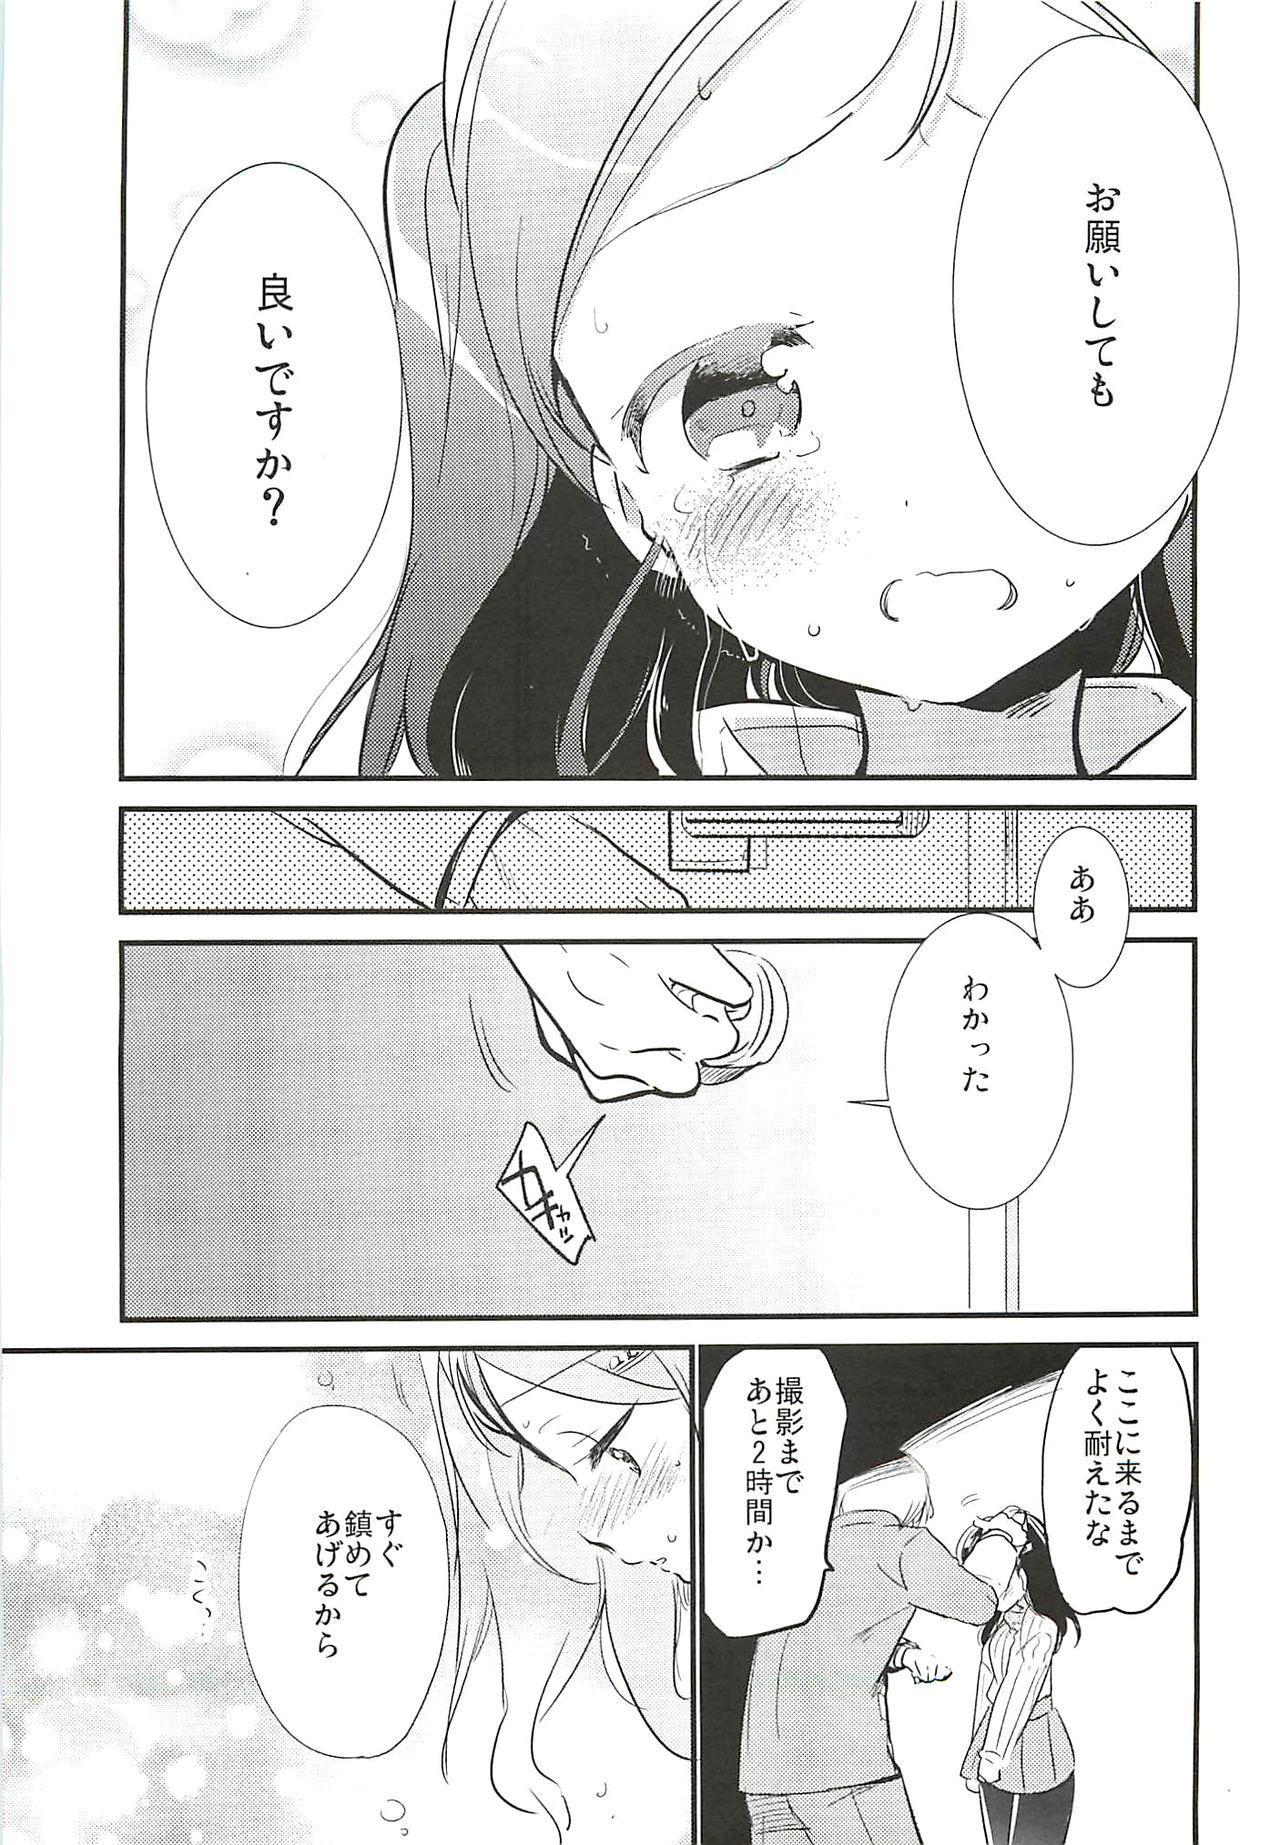 Honoka to Ippai 5